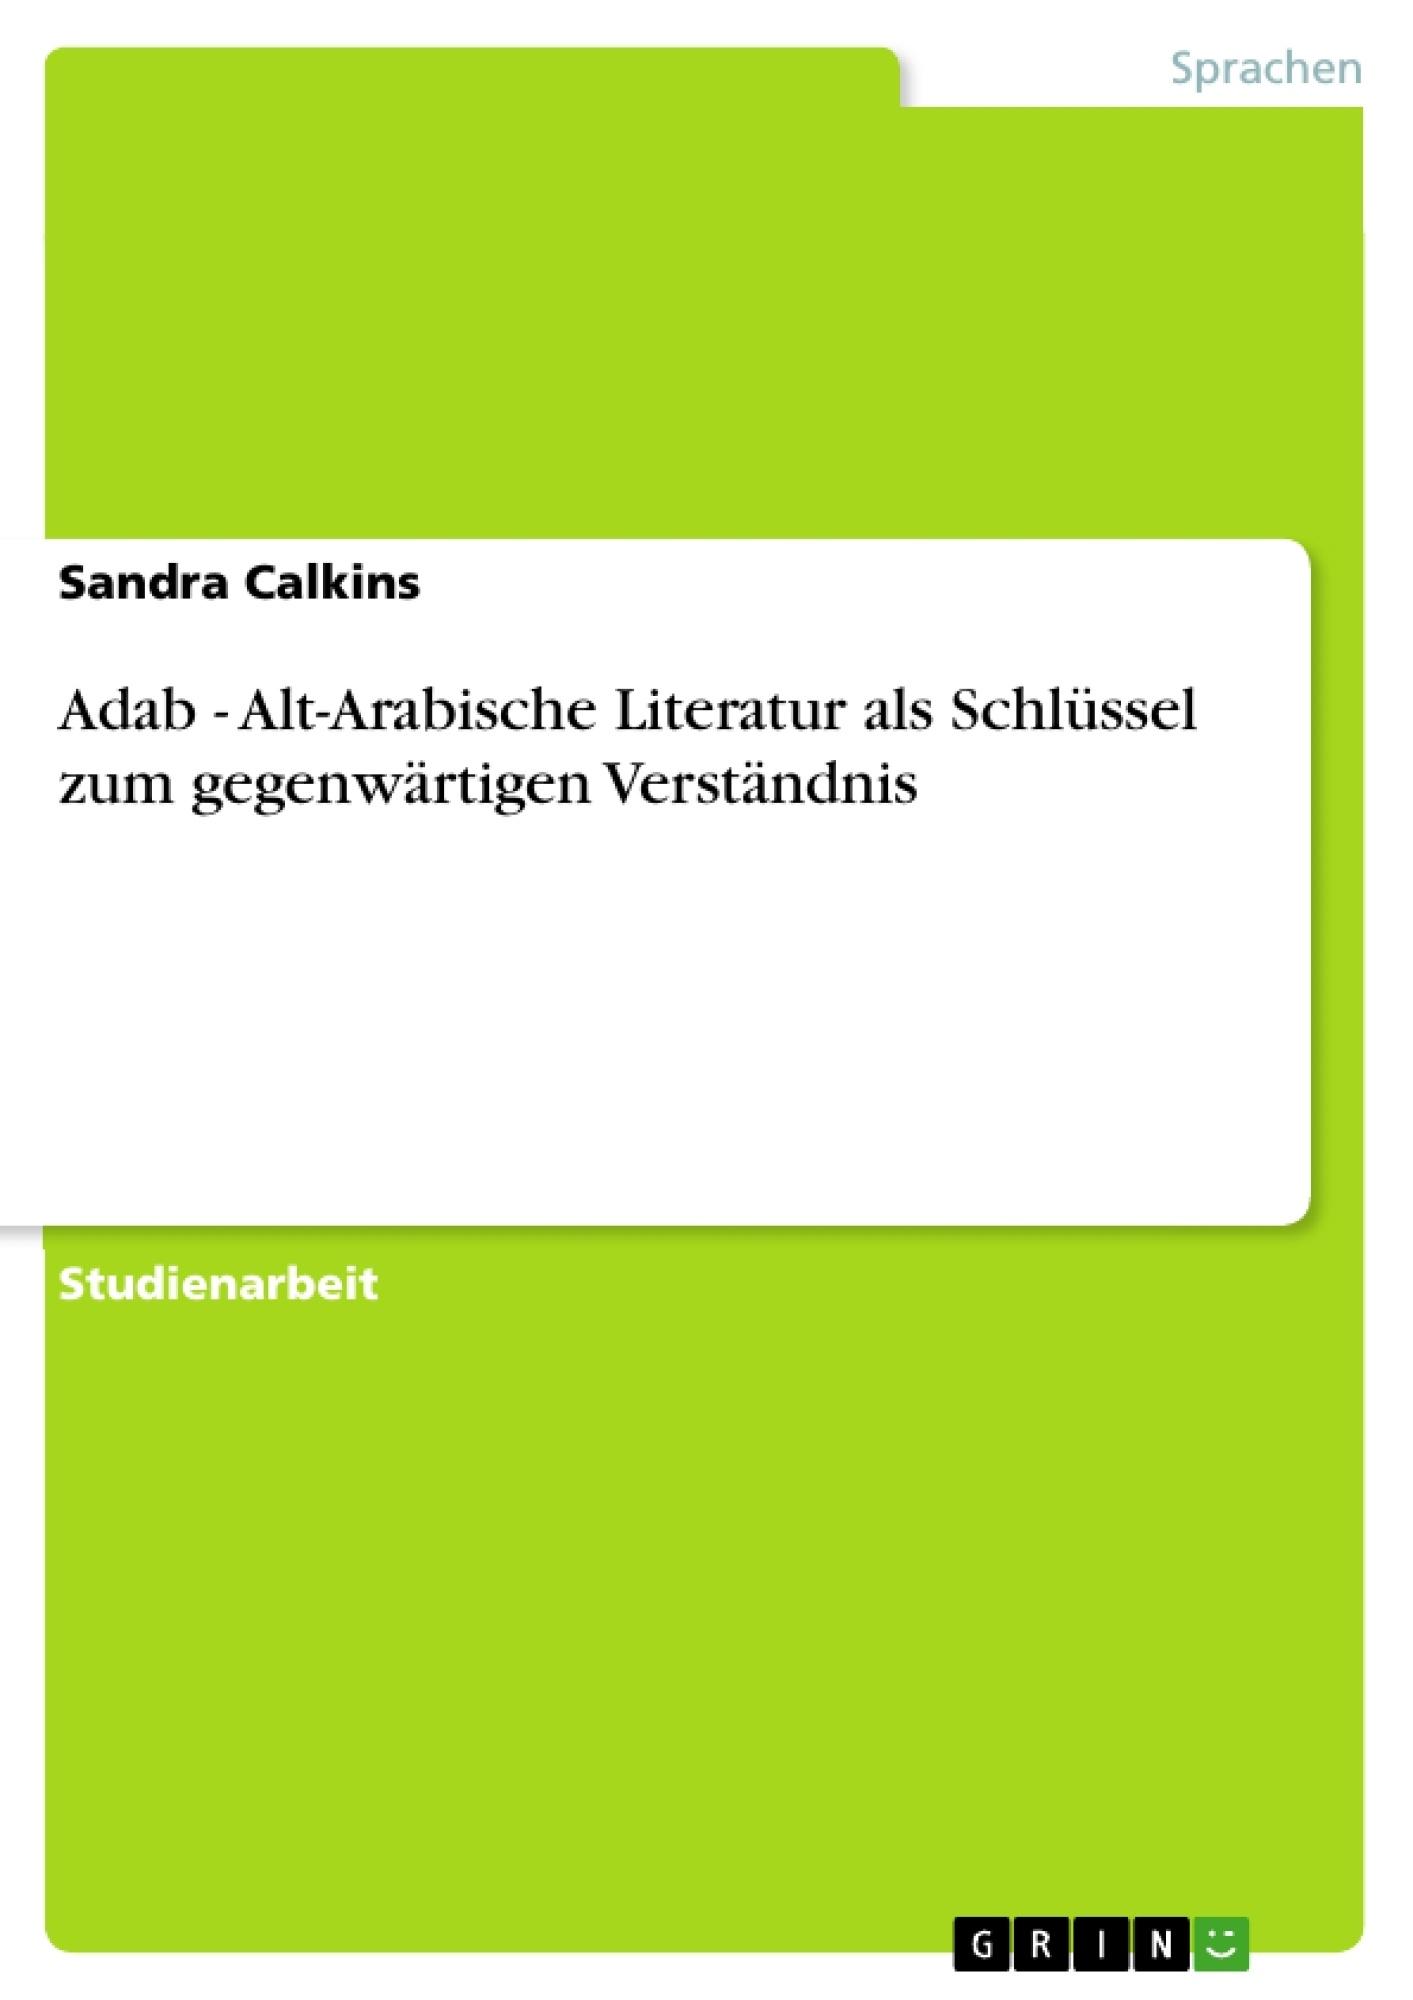 Titel: Adab - Alt-Arabische Literatur als Schlüssel zum gegenwärtigen Verständnis